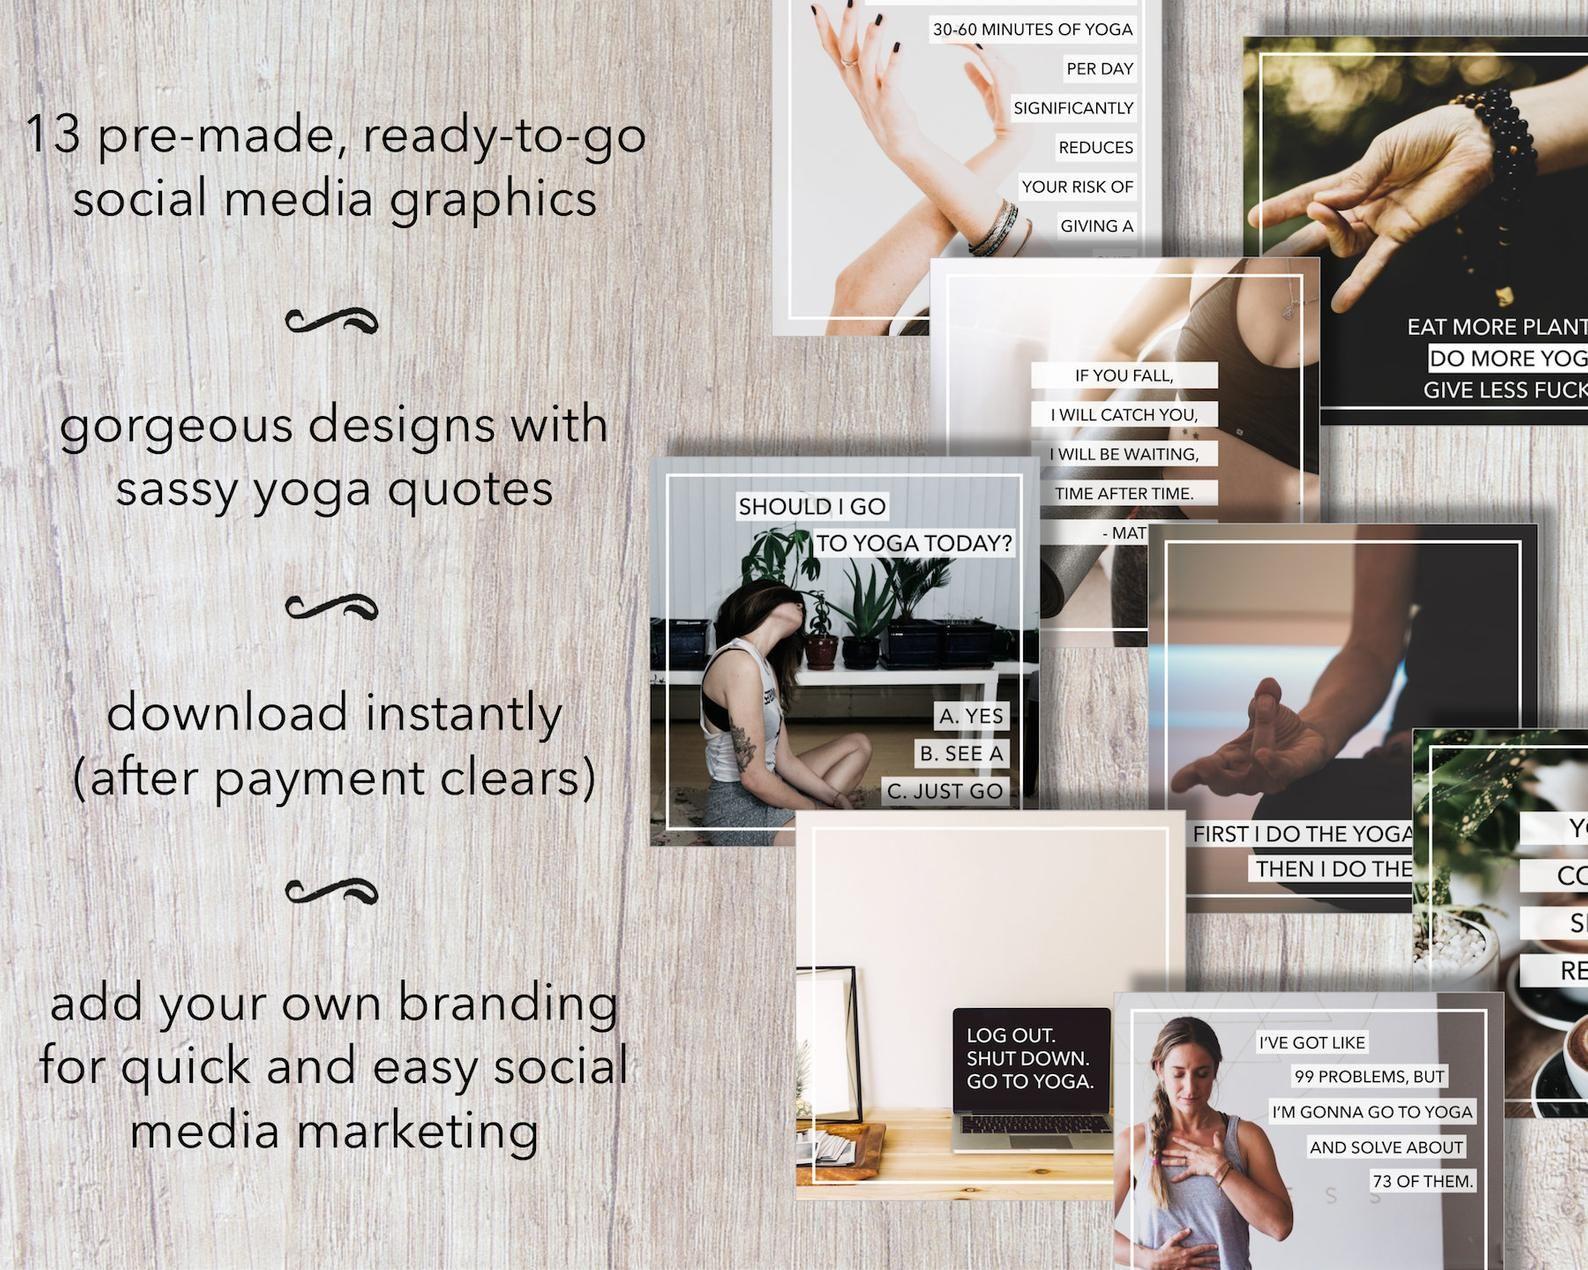 Social Media Posts Yoga Memes Social Media Graphics Etsy In 2021 Social Media Post Social Media Graphics Social Media